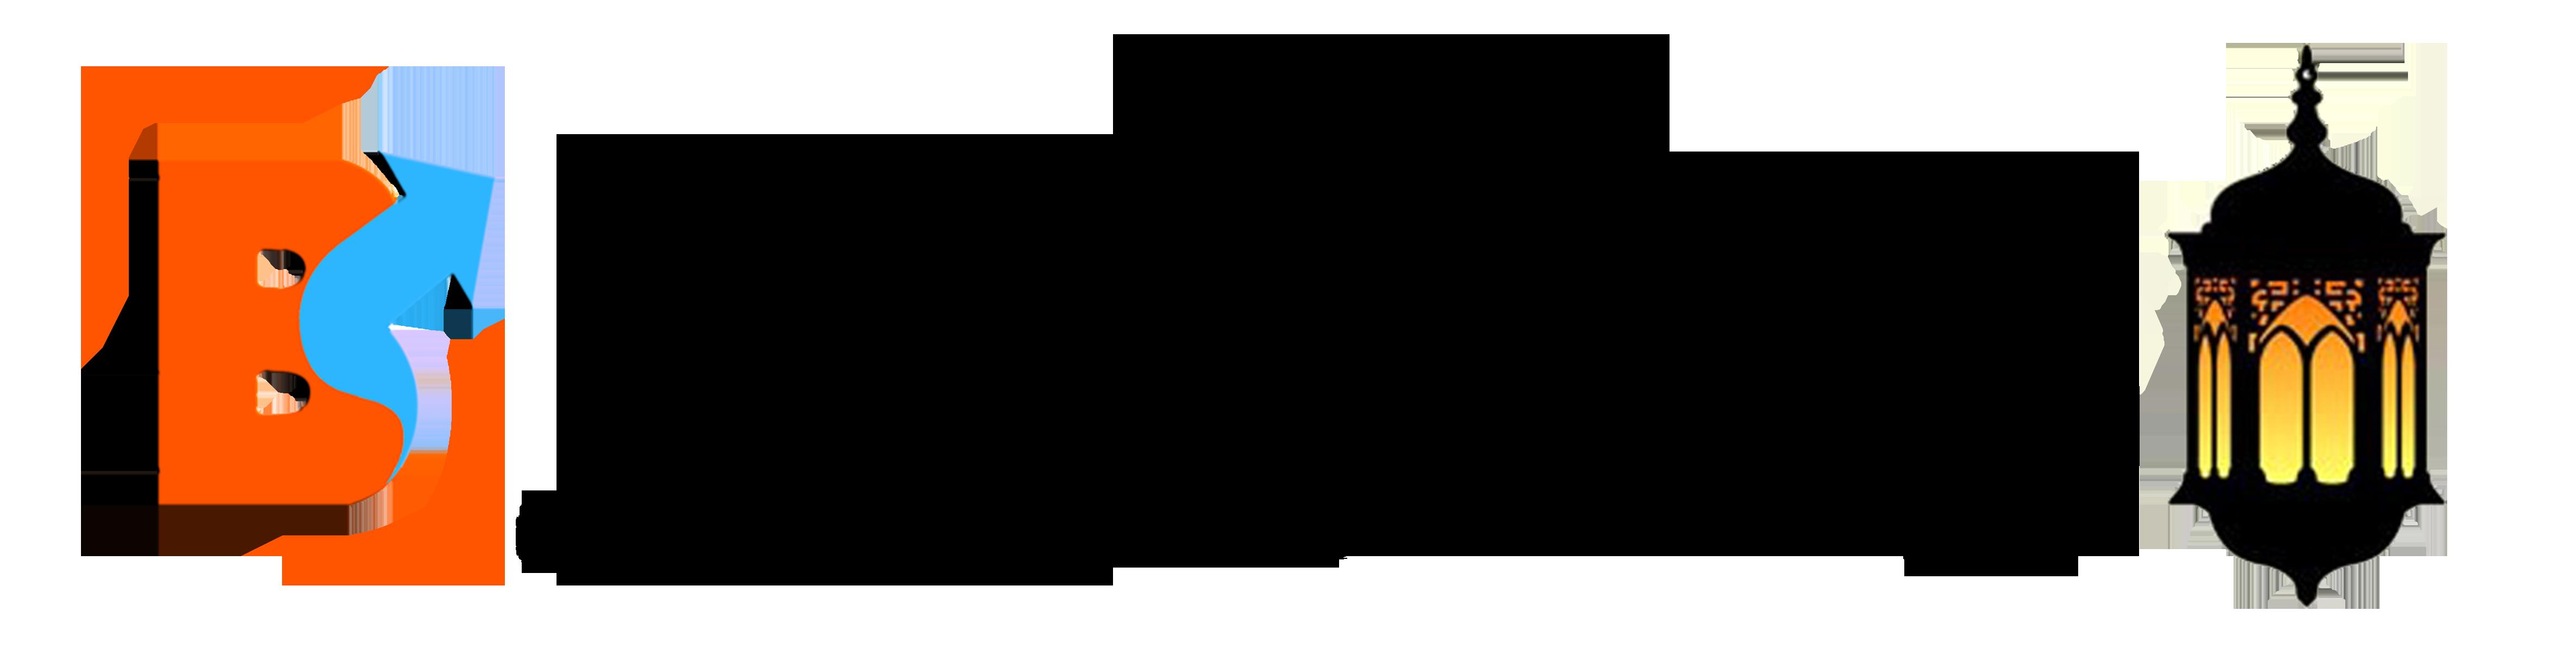 Bartamaha